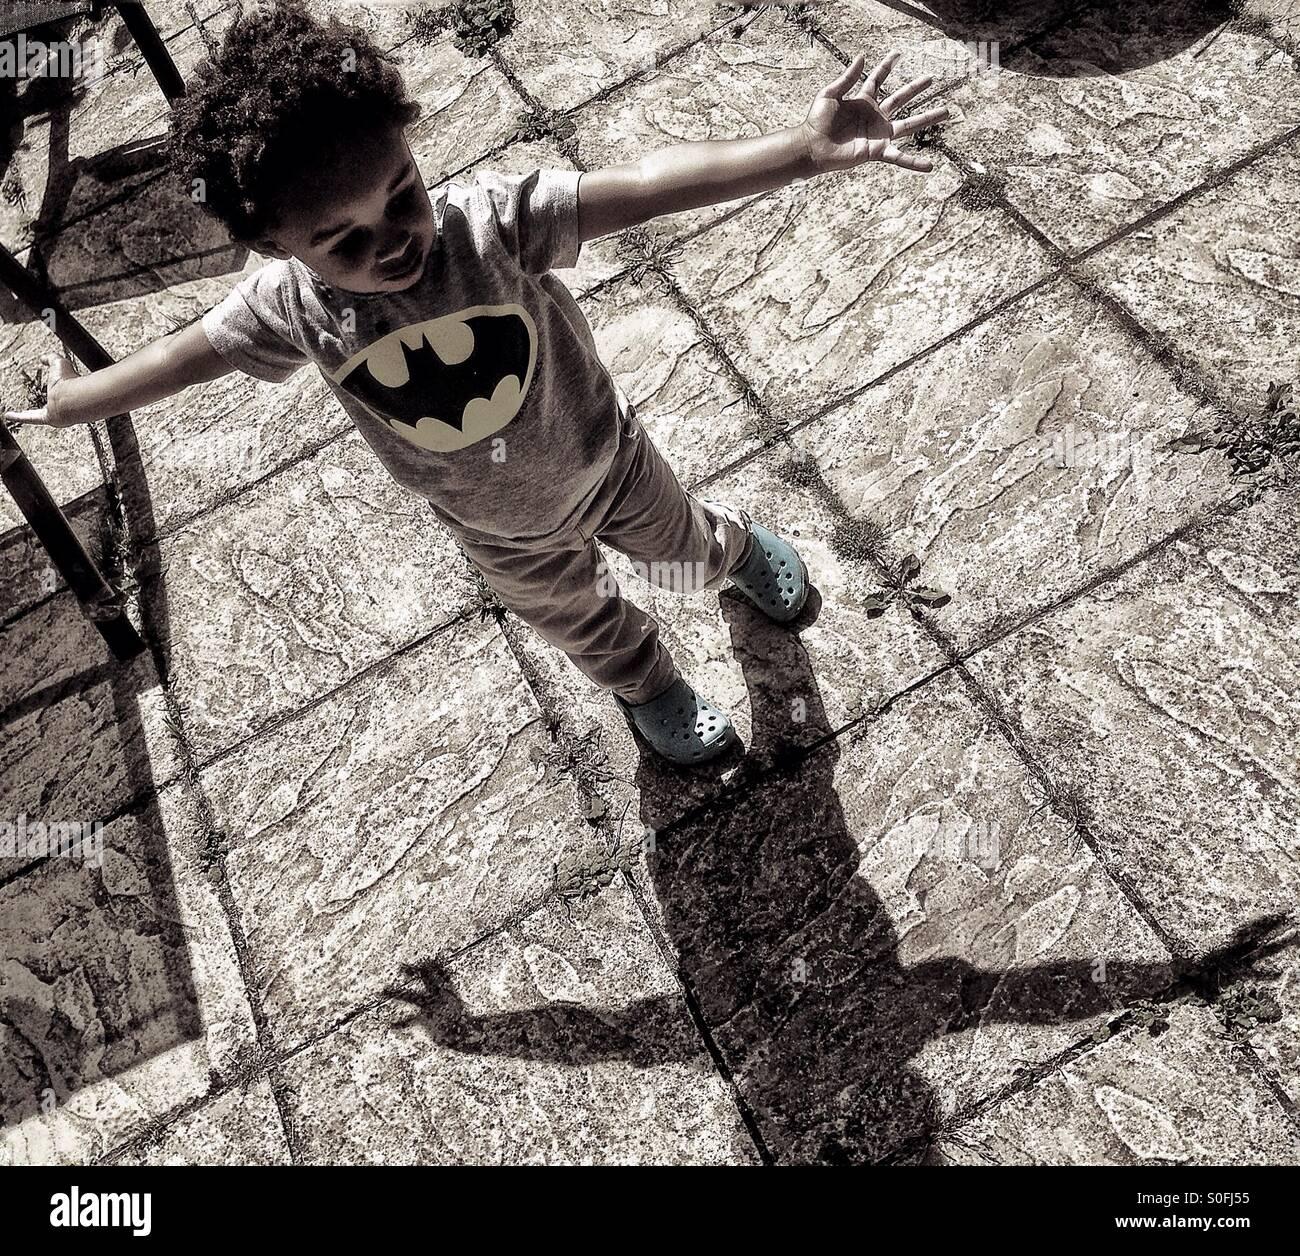 Un chico y su sombra. Foto de stock